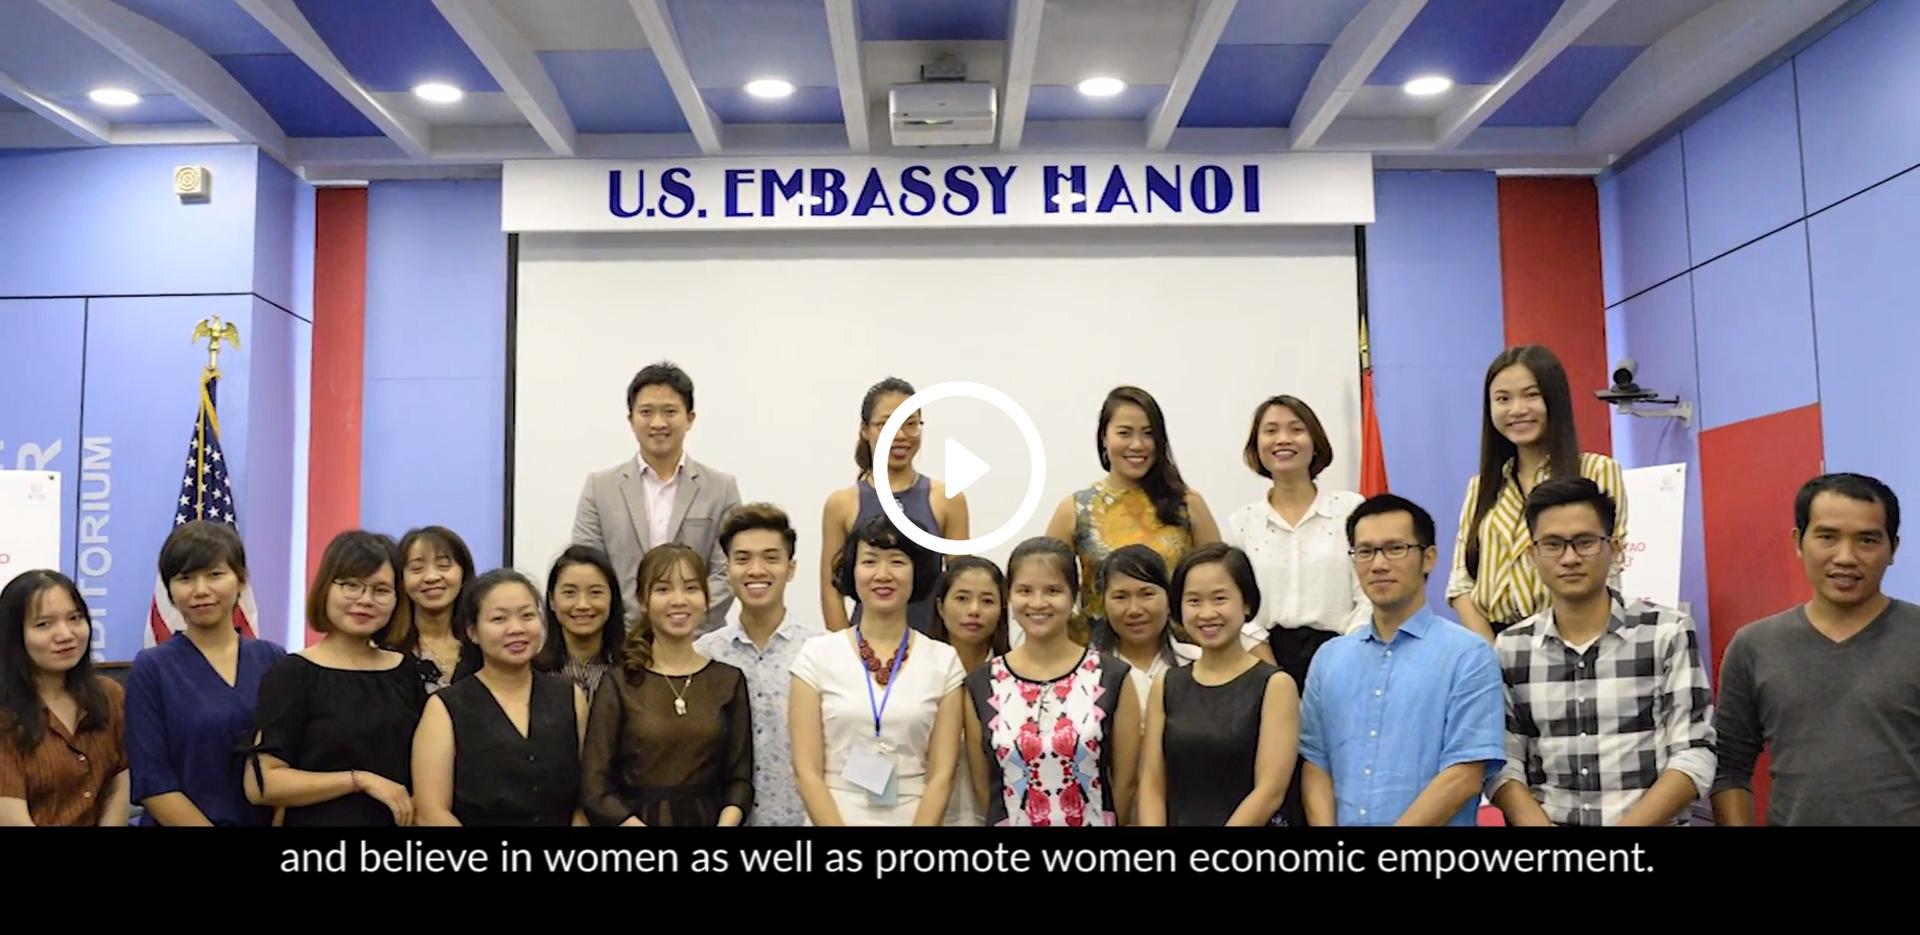 Cuộc thi Khởi nghiệp Sáng tạo dành cho Phụ nữ - WISE Women Innovation Challenge 2018